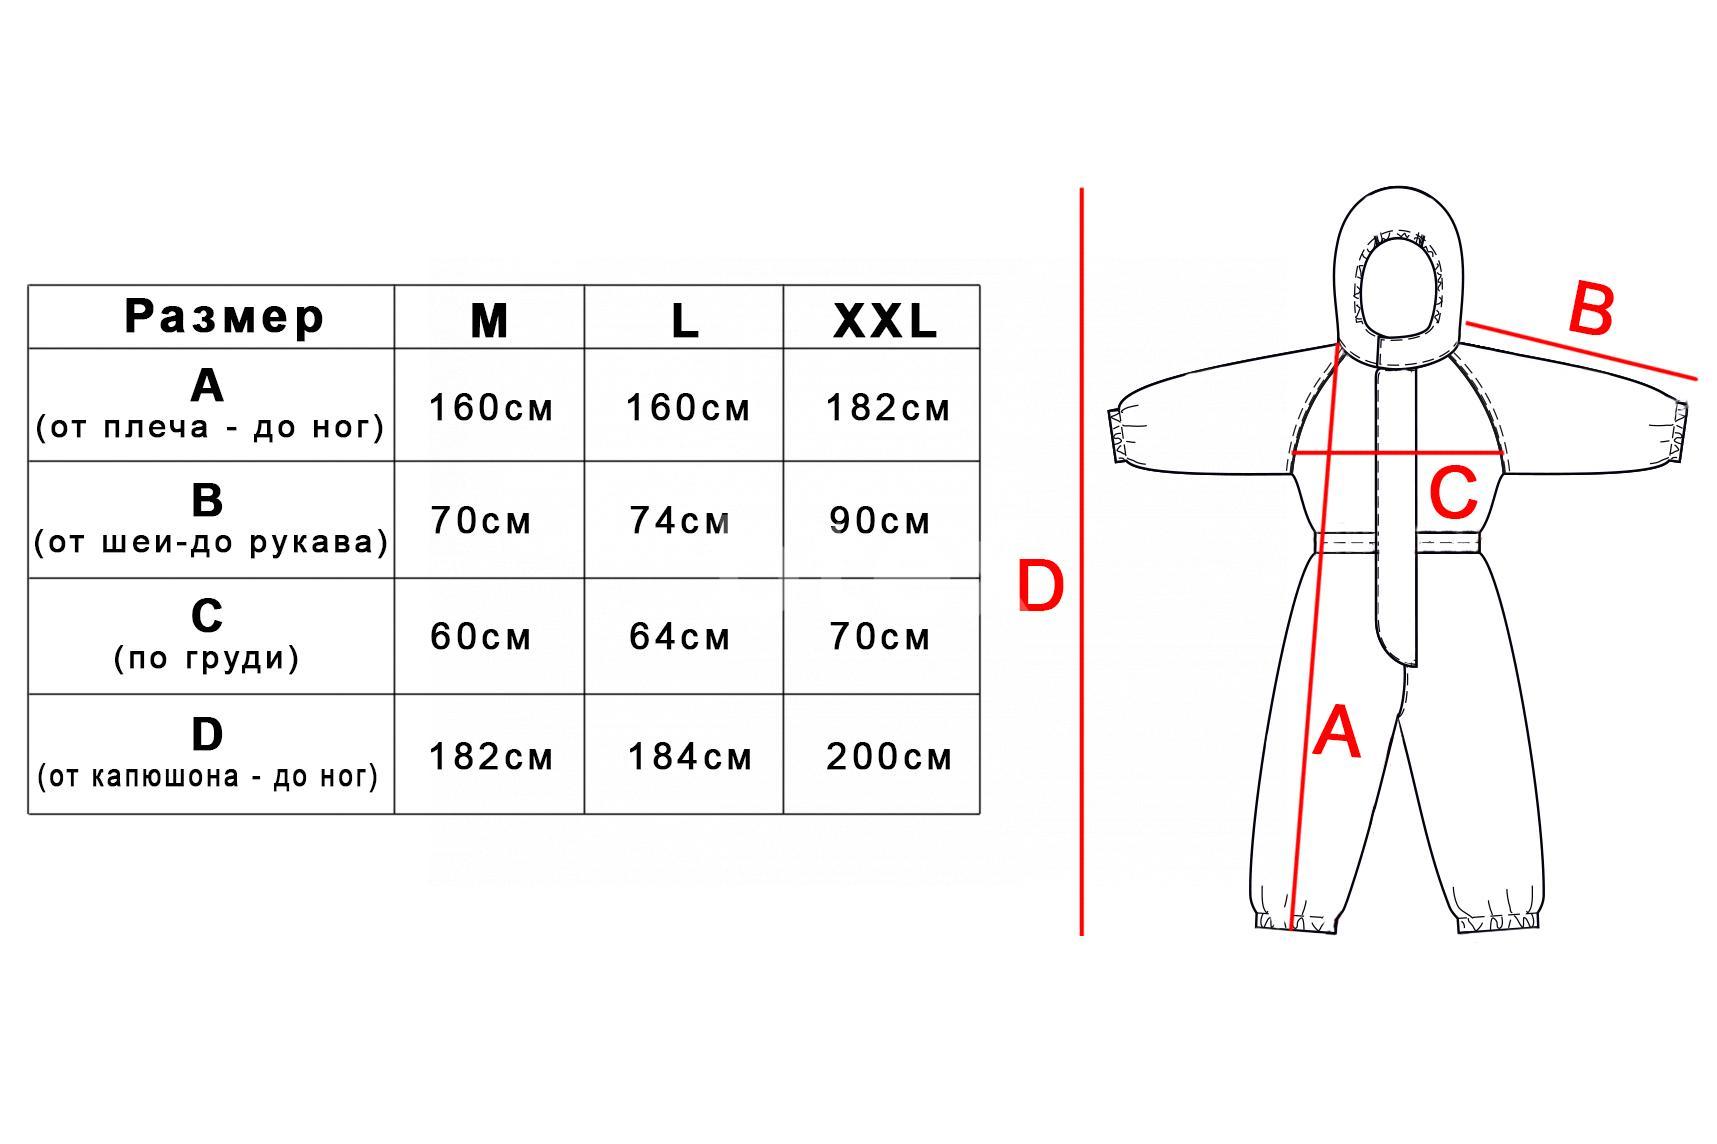 Комбінезон (одноразовий), однотонний, тканина Спанбонд, щільність - 50г / м2 фото-6